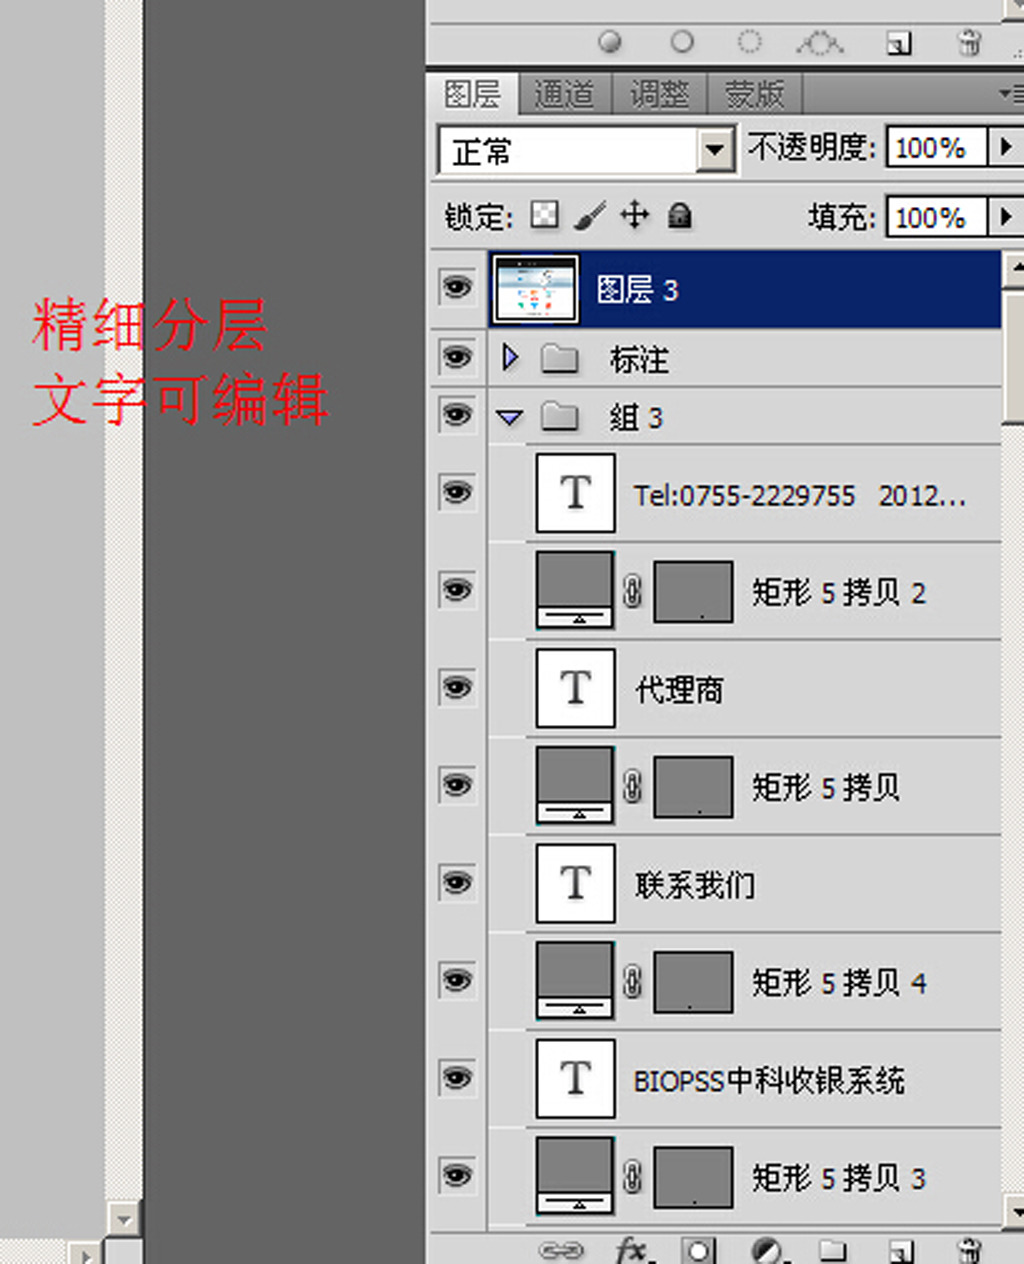 收银系统界面设计模板下载(图片编号:13124192)_ui